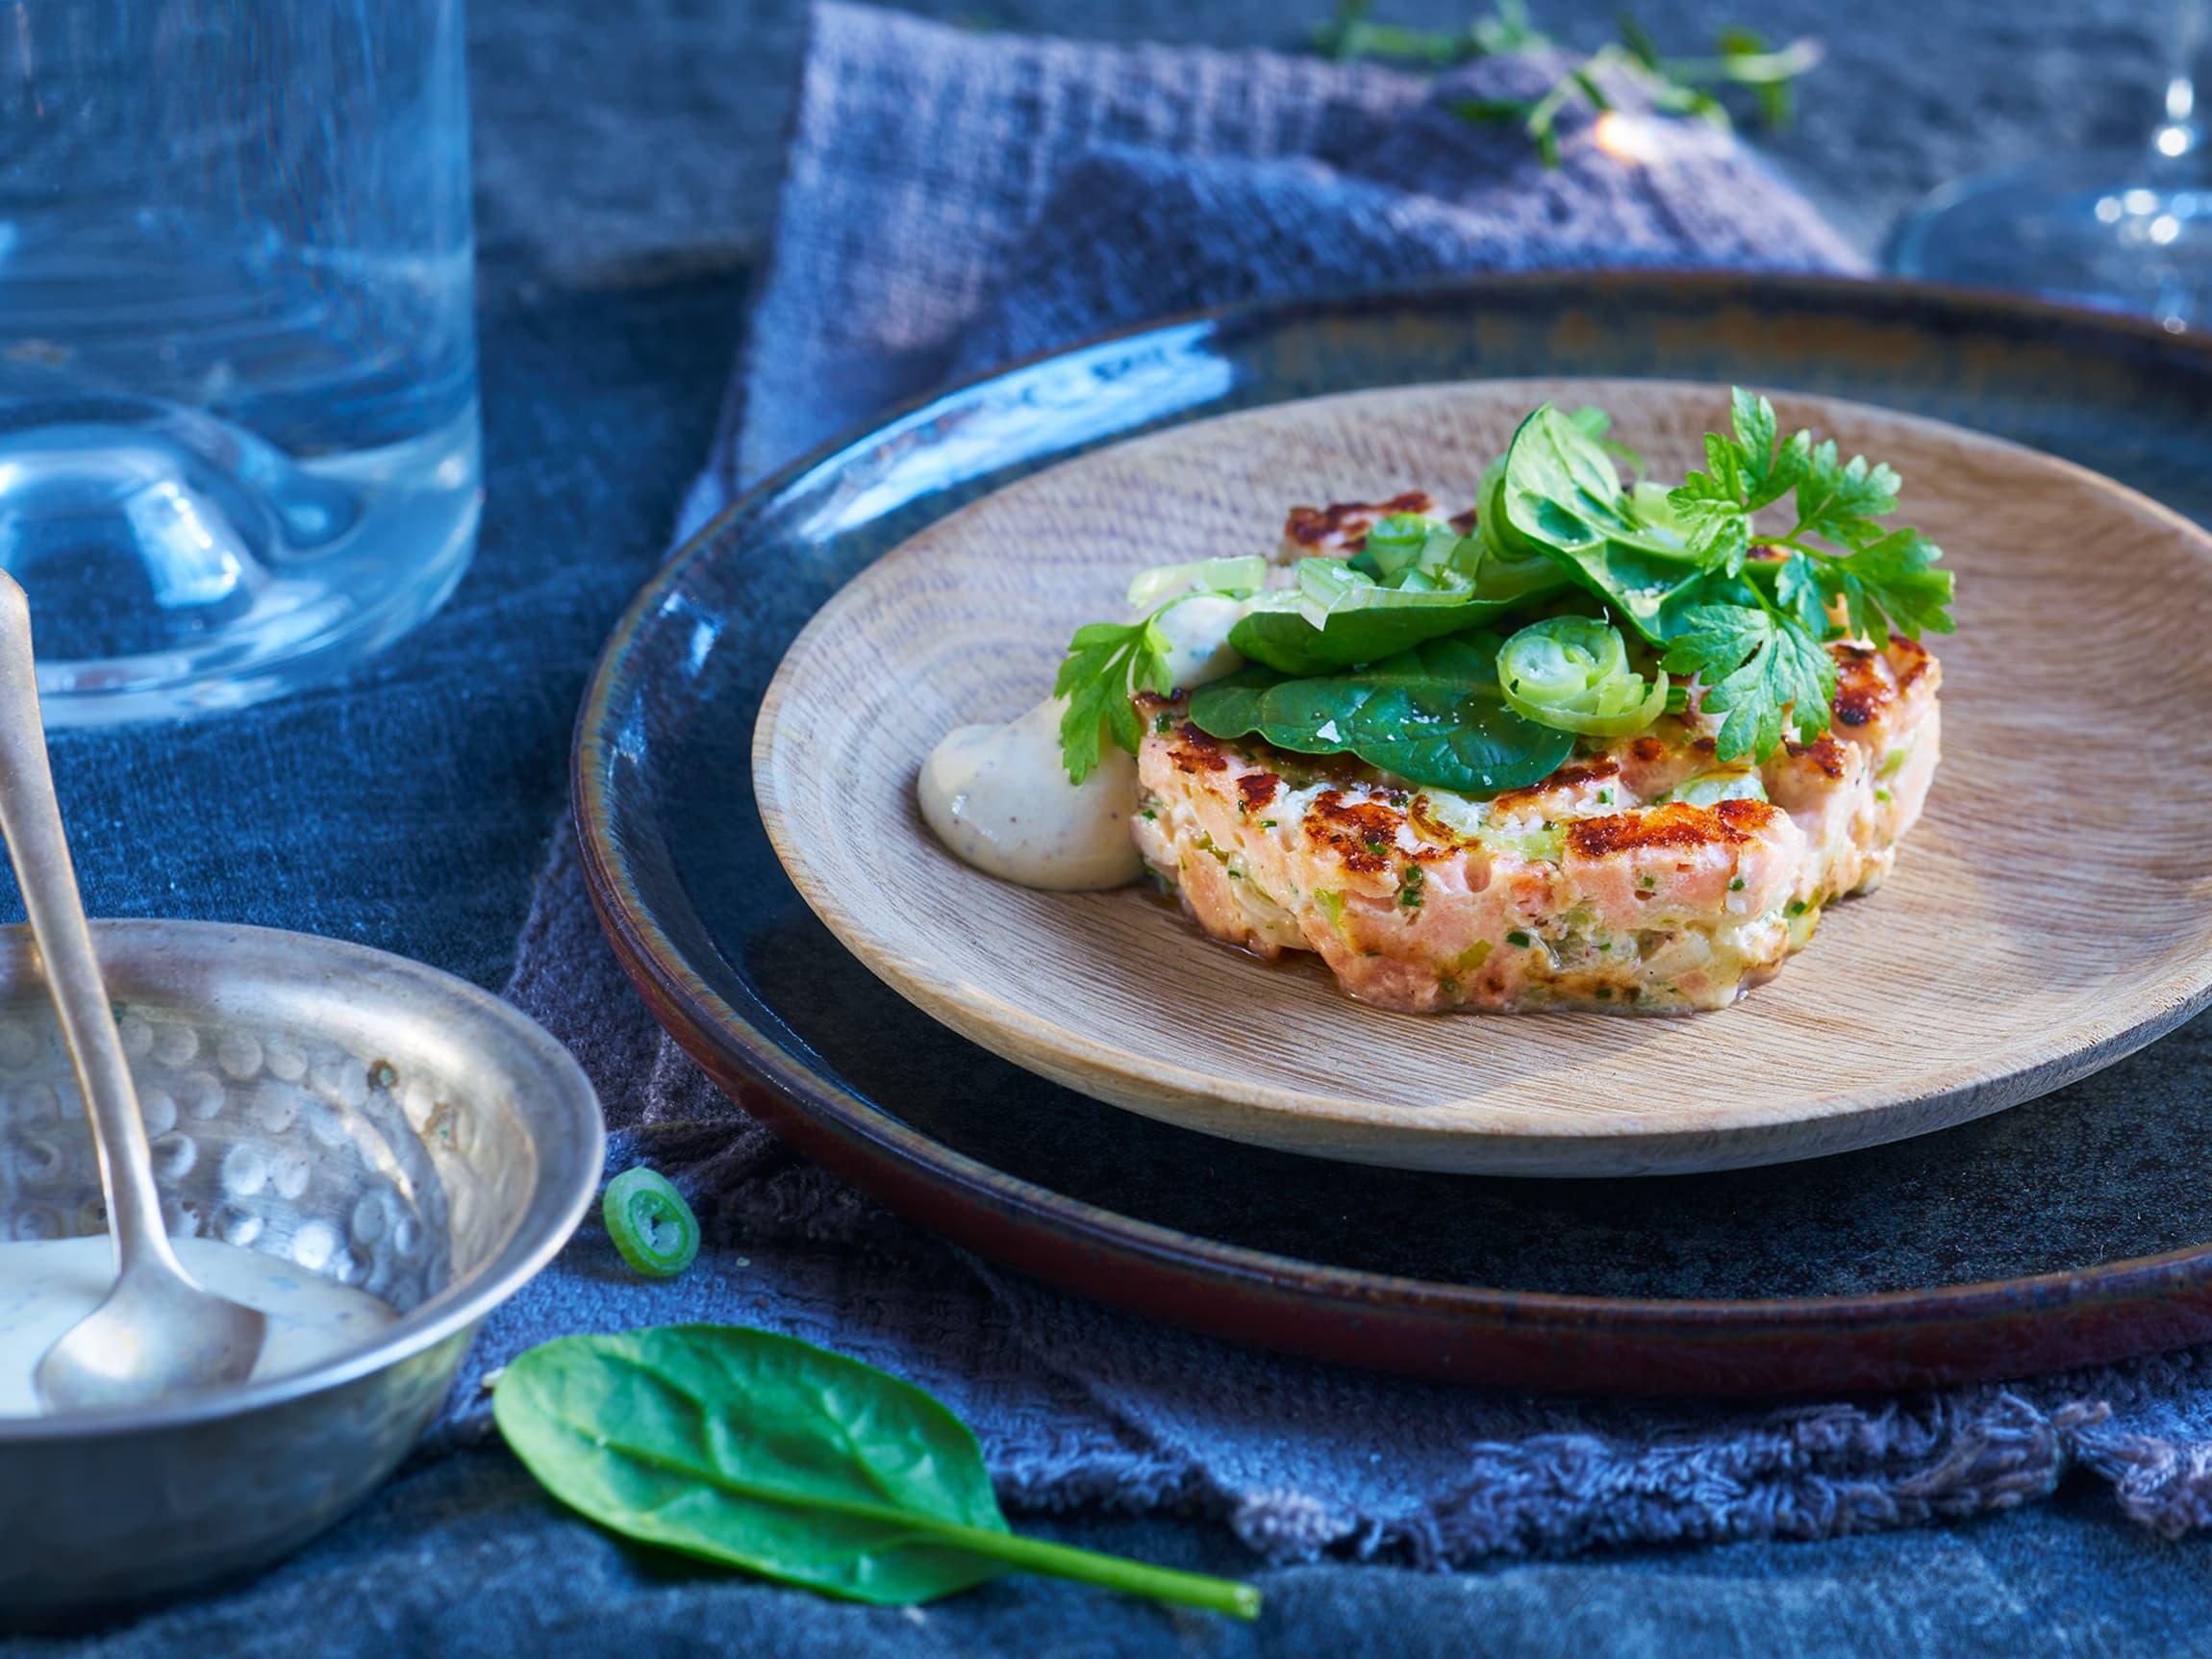 Lag tartaren klar tidligere på dagen og stek den raskt rett før servering så den får en god stekeflate.